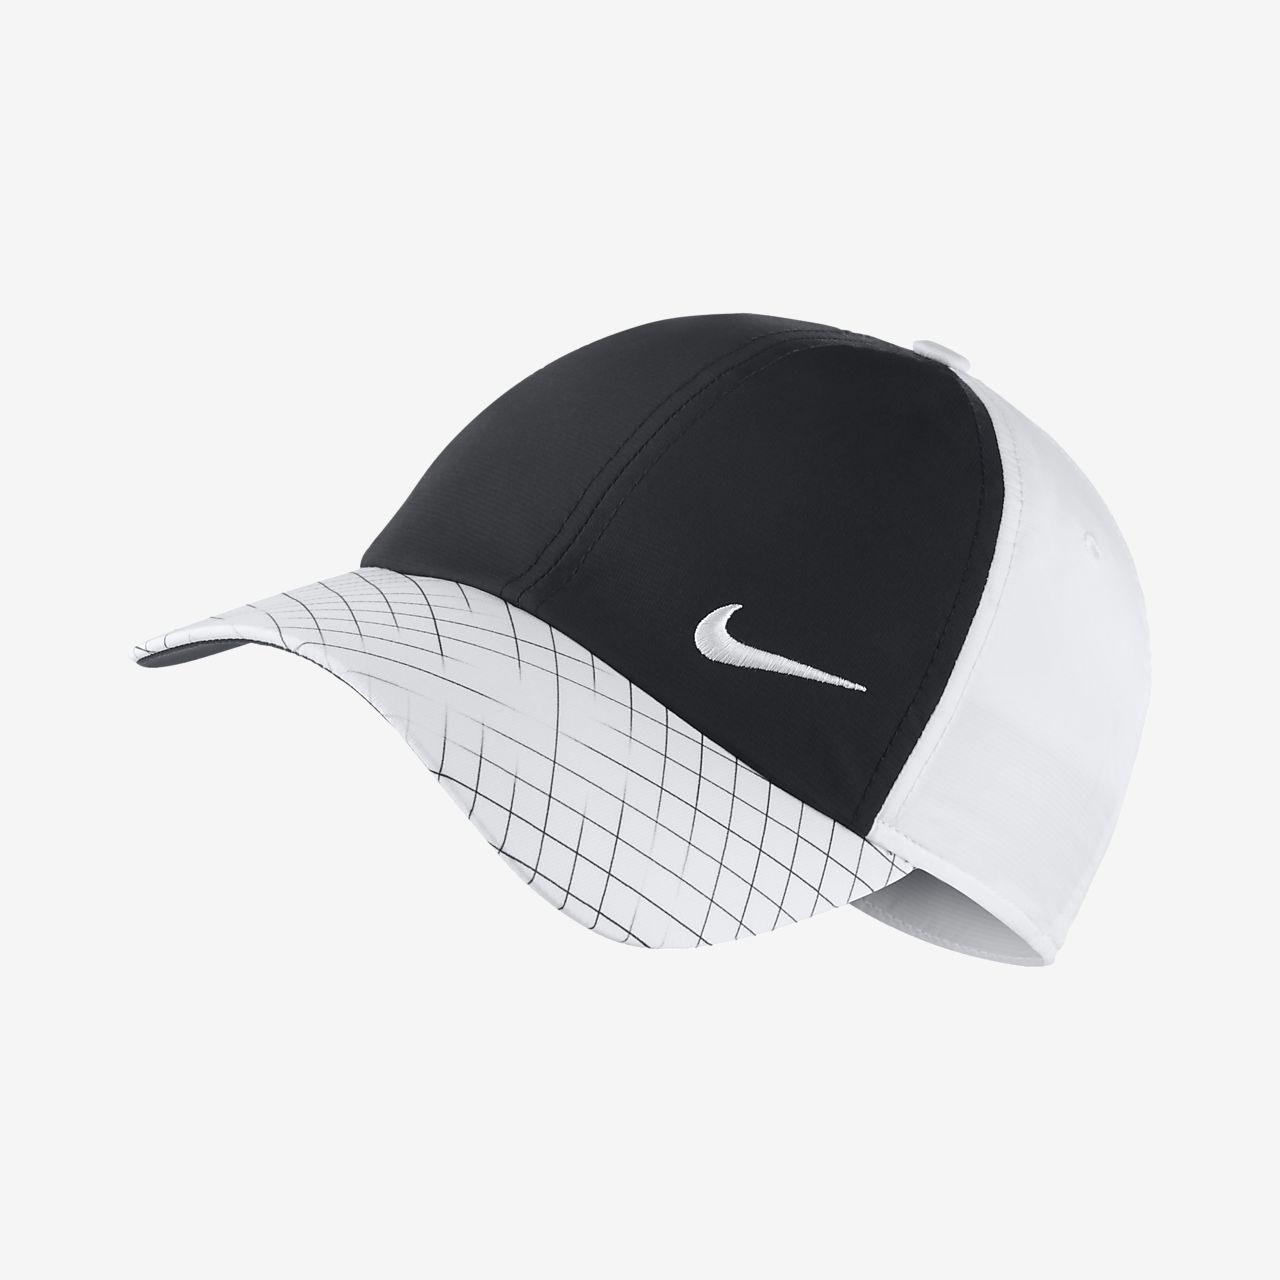 Nike Golf Hat Black : Cy5095